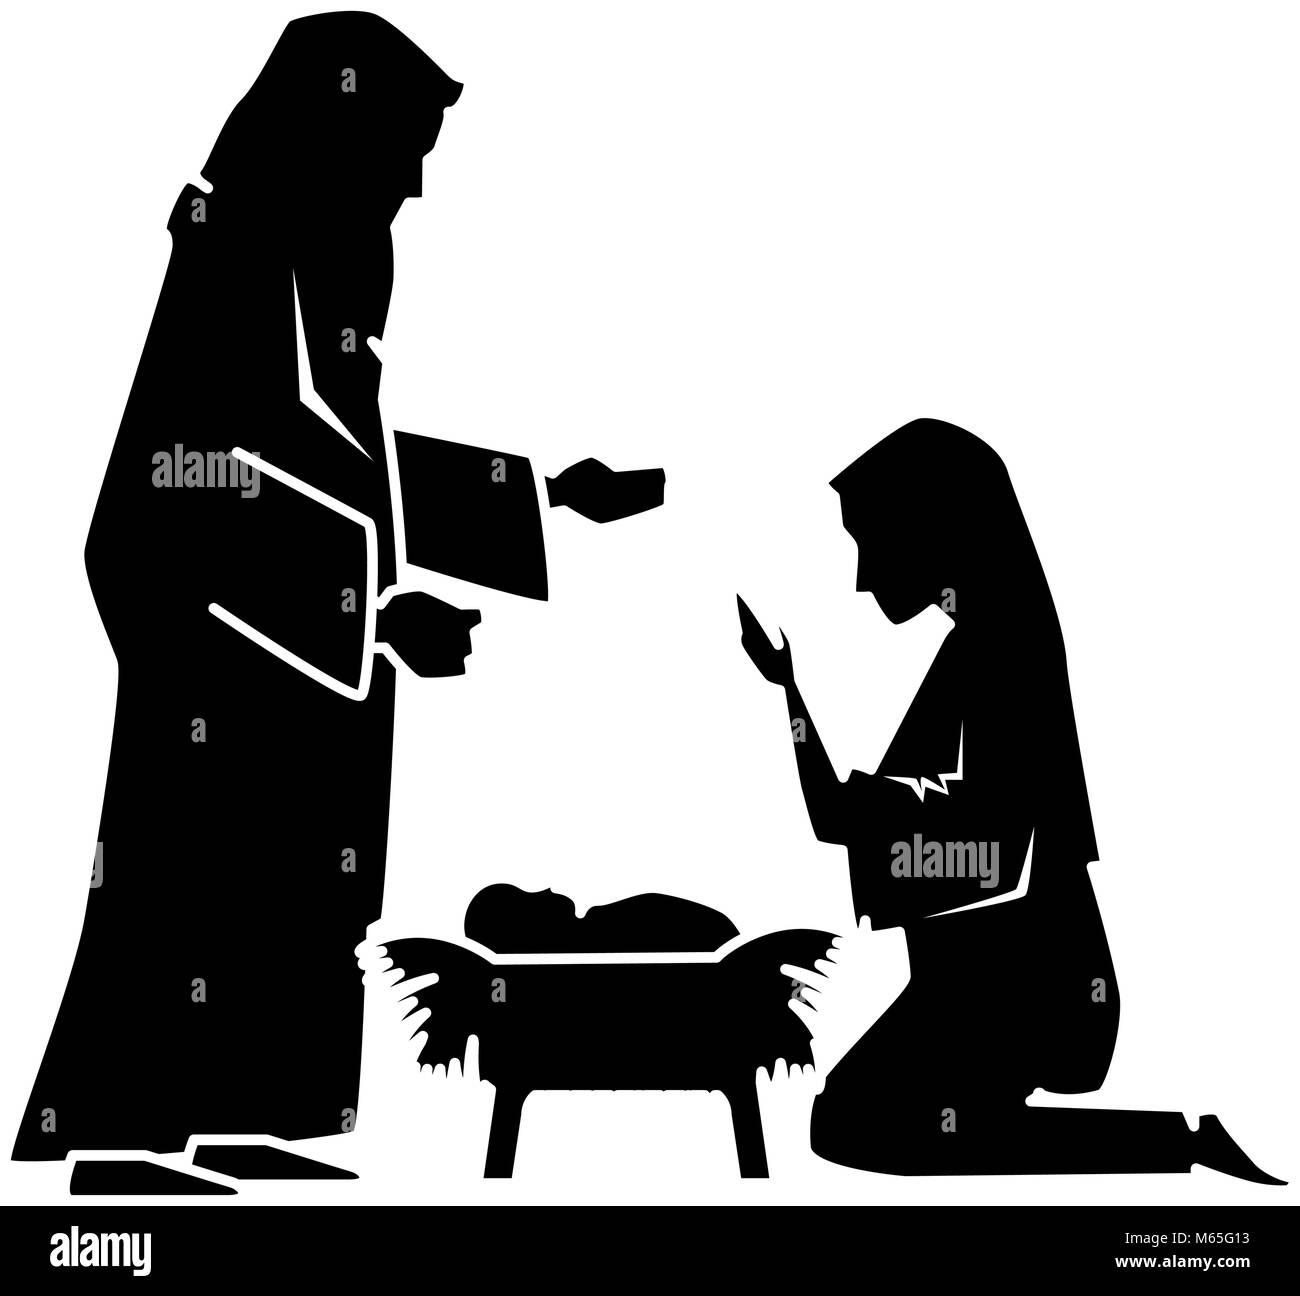 Heilige Familie silhouette Weihnachten Zeichen Vektor Abbildung ...